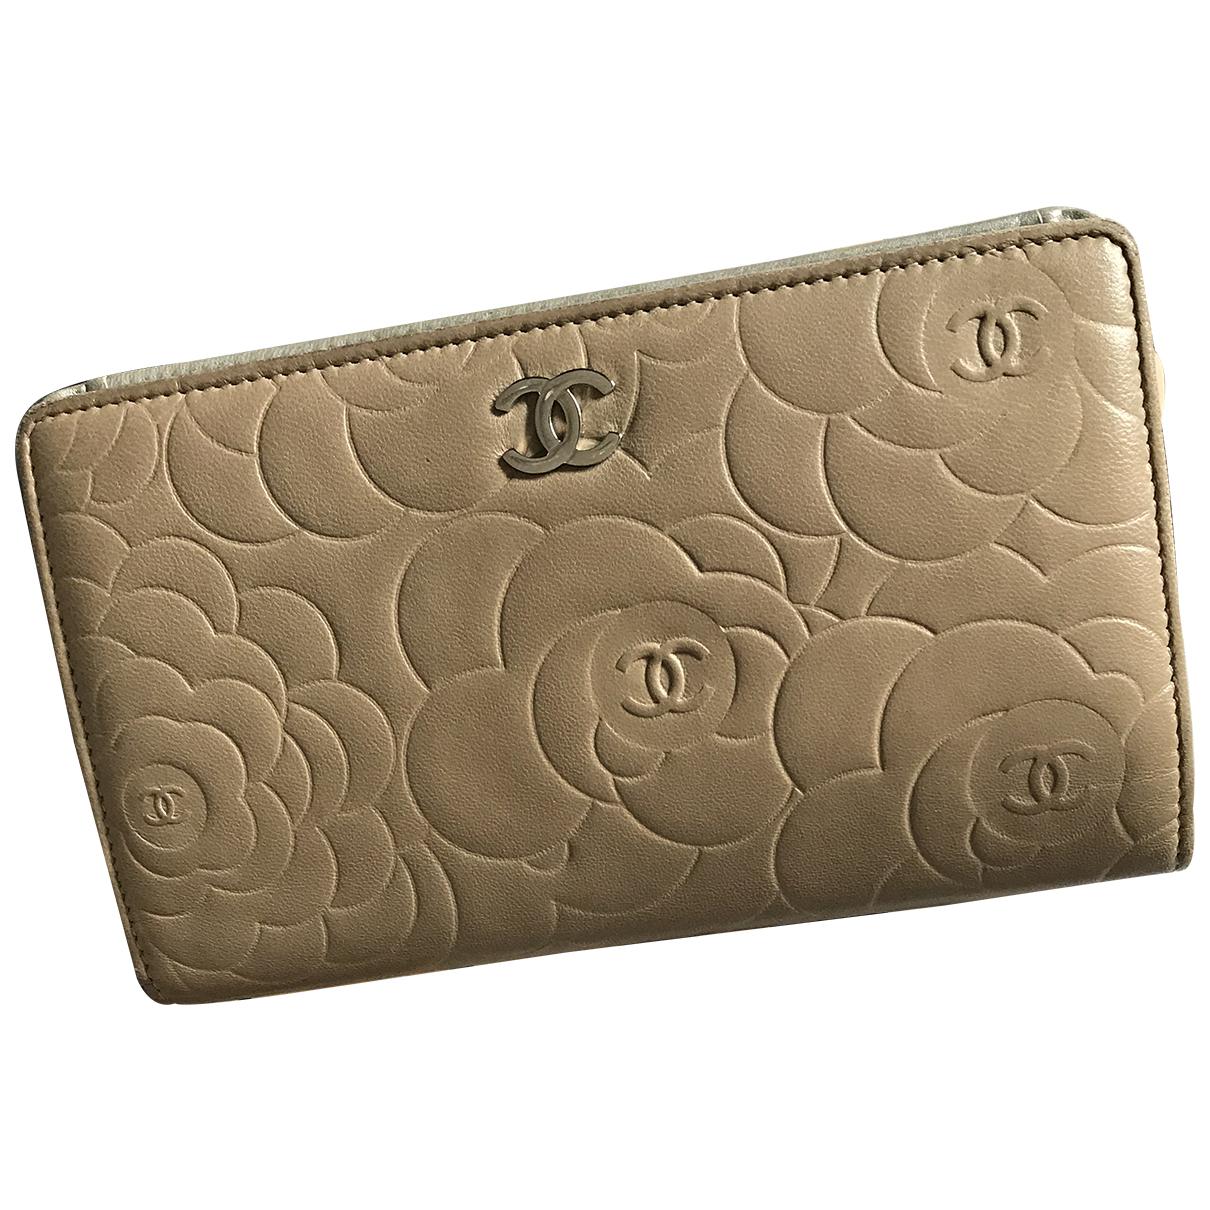 Chanel - Portefeuille   pour femme en cuir - beige